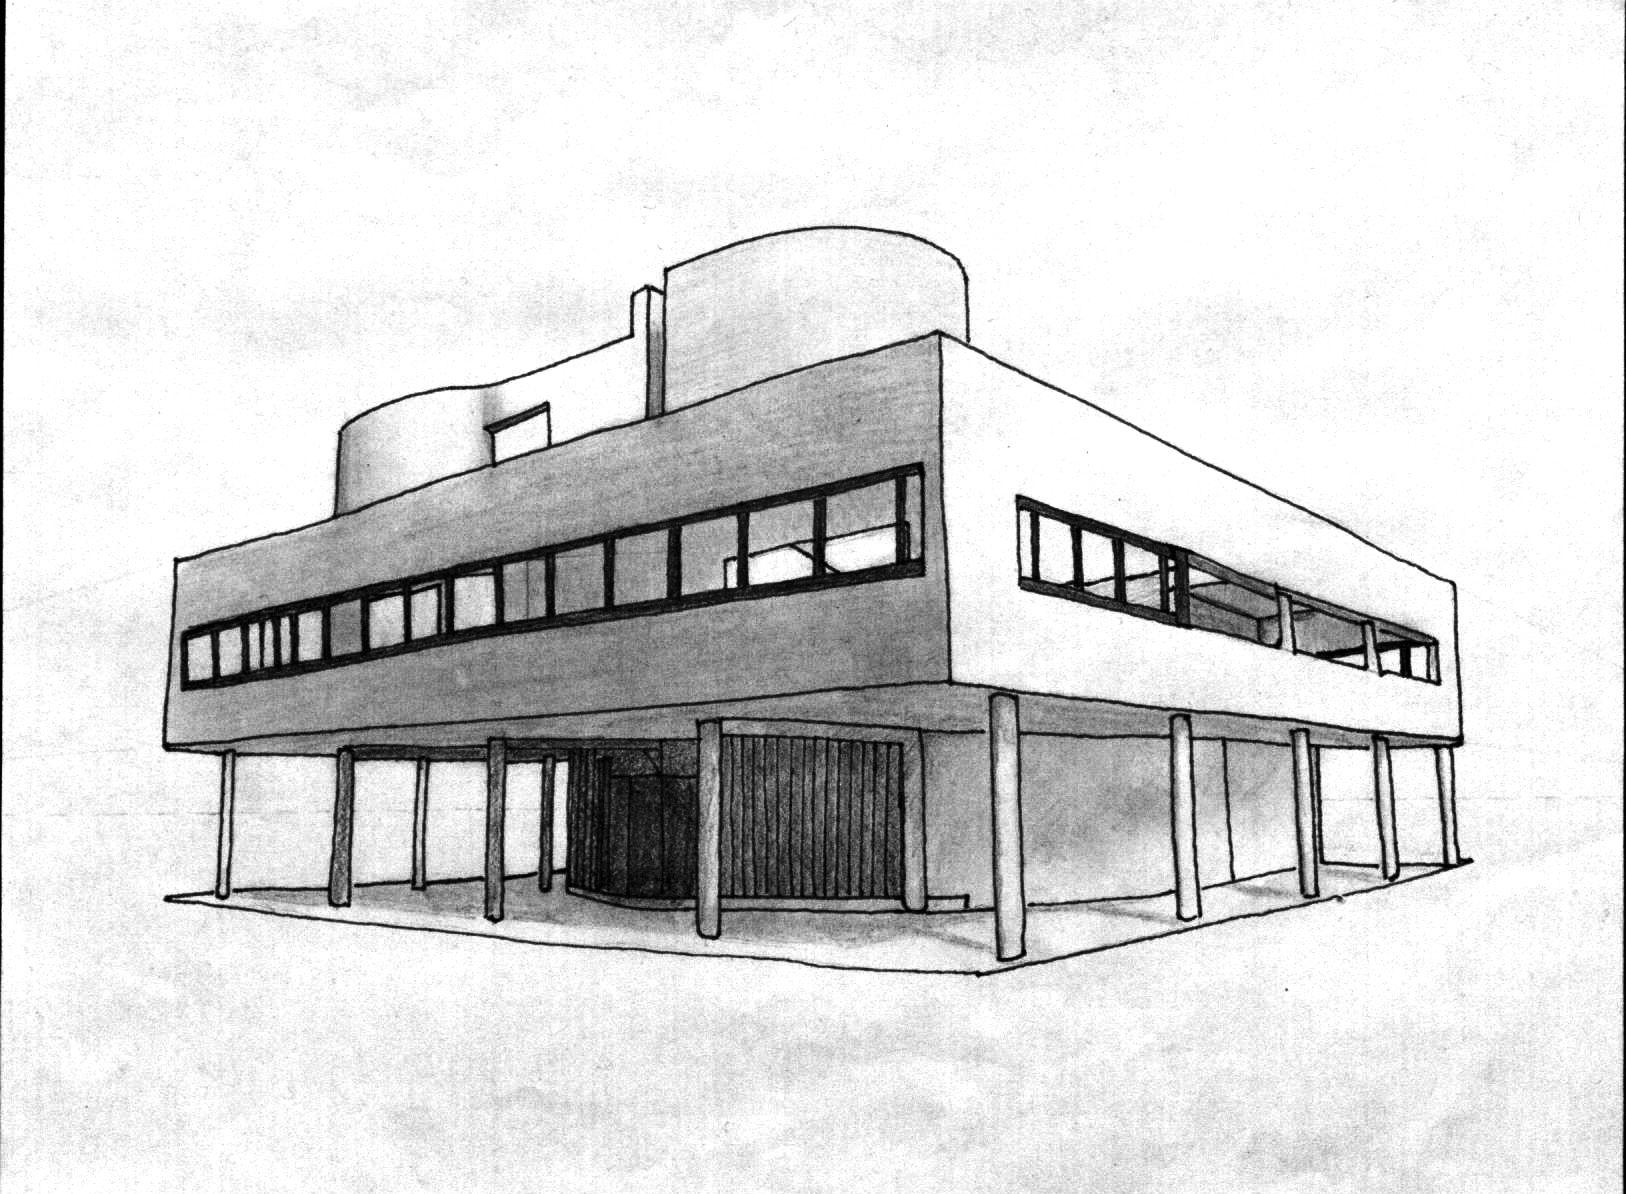 Brilliant Architecture Design Sketches Villa Savoye Sketch And Inspiration